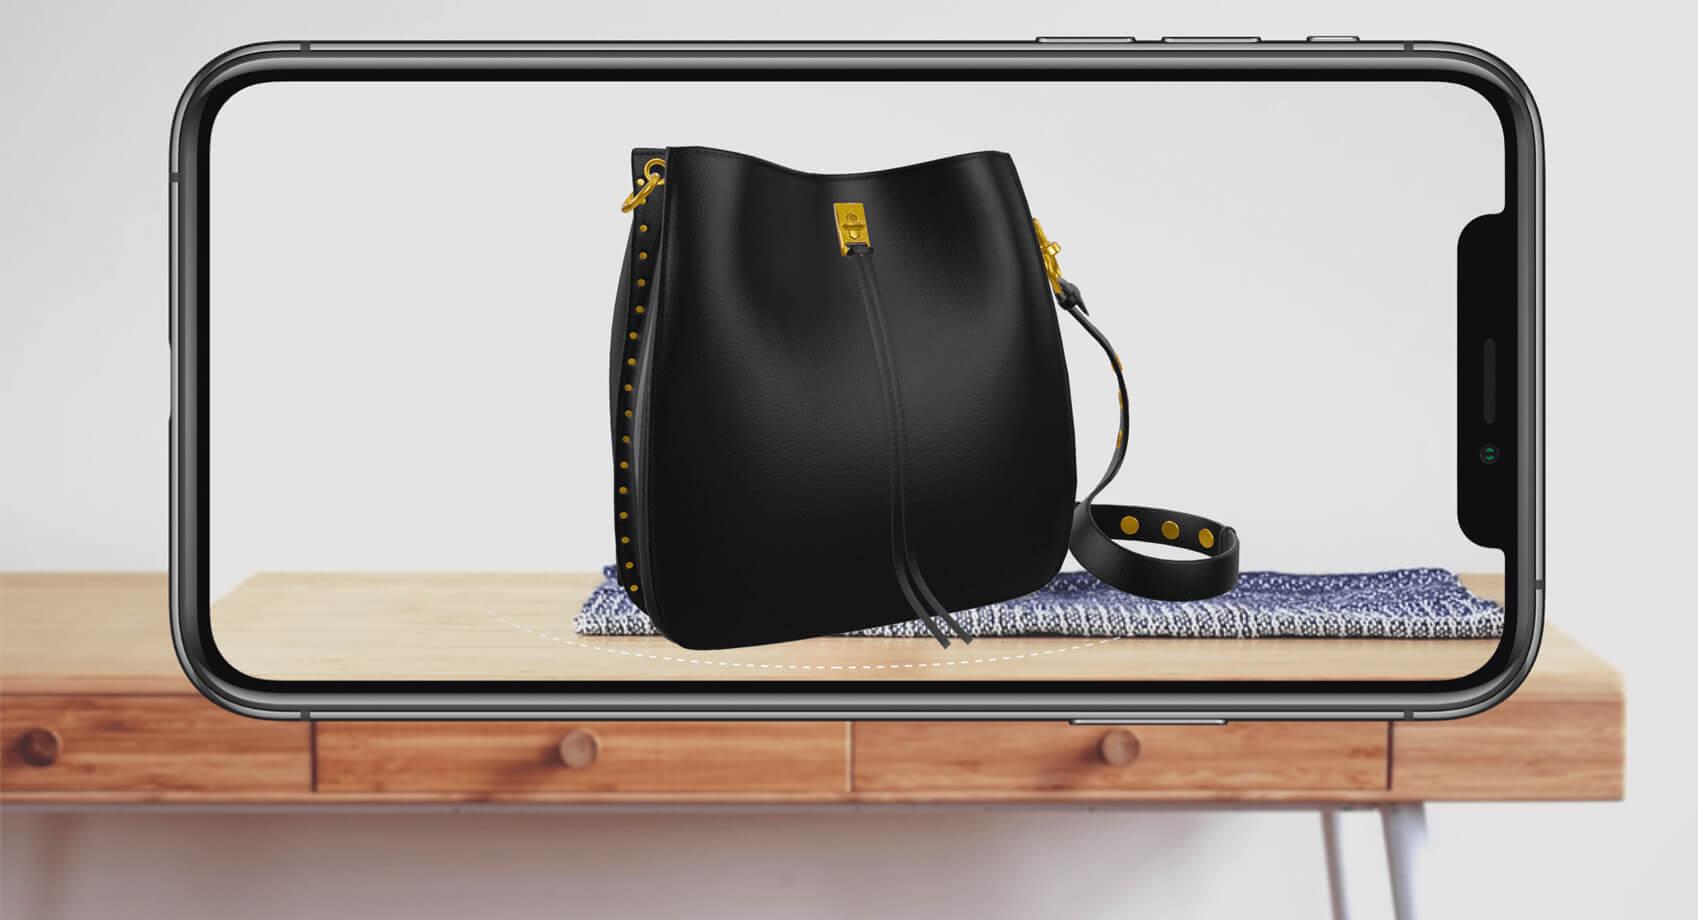 Black handbag 3D model in AR